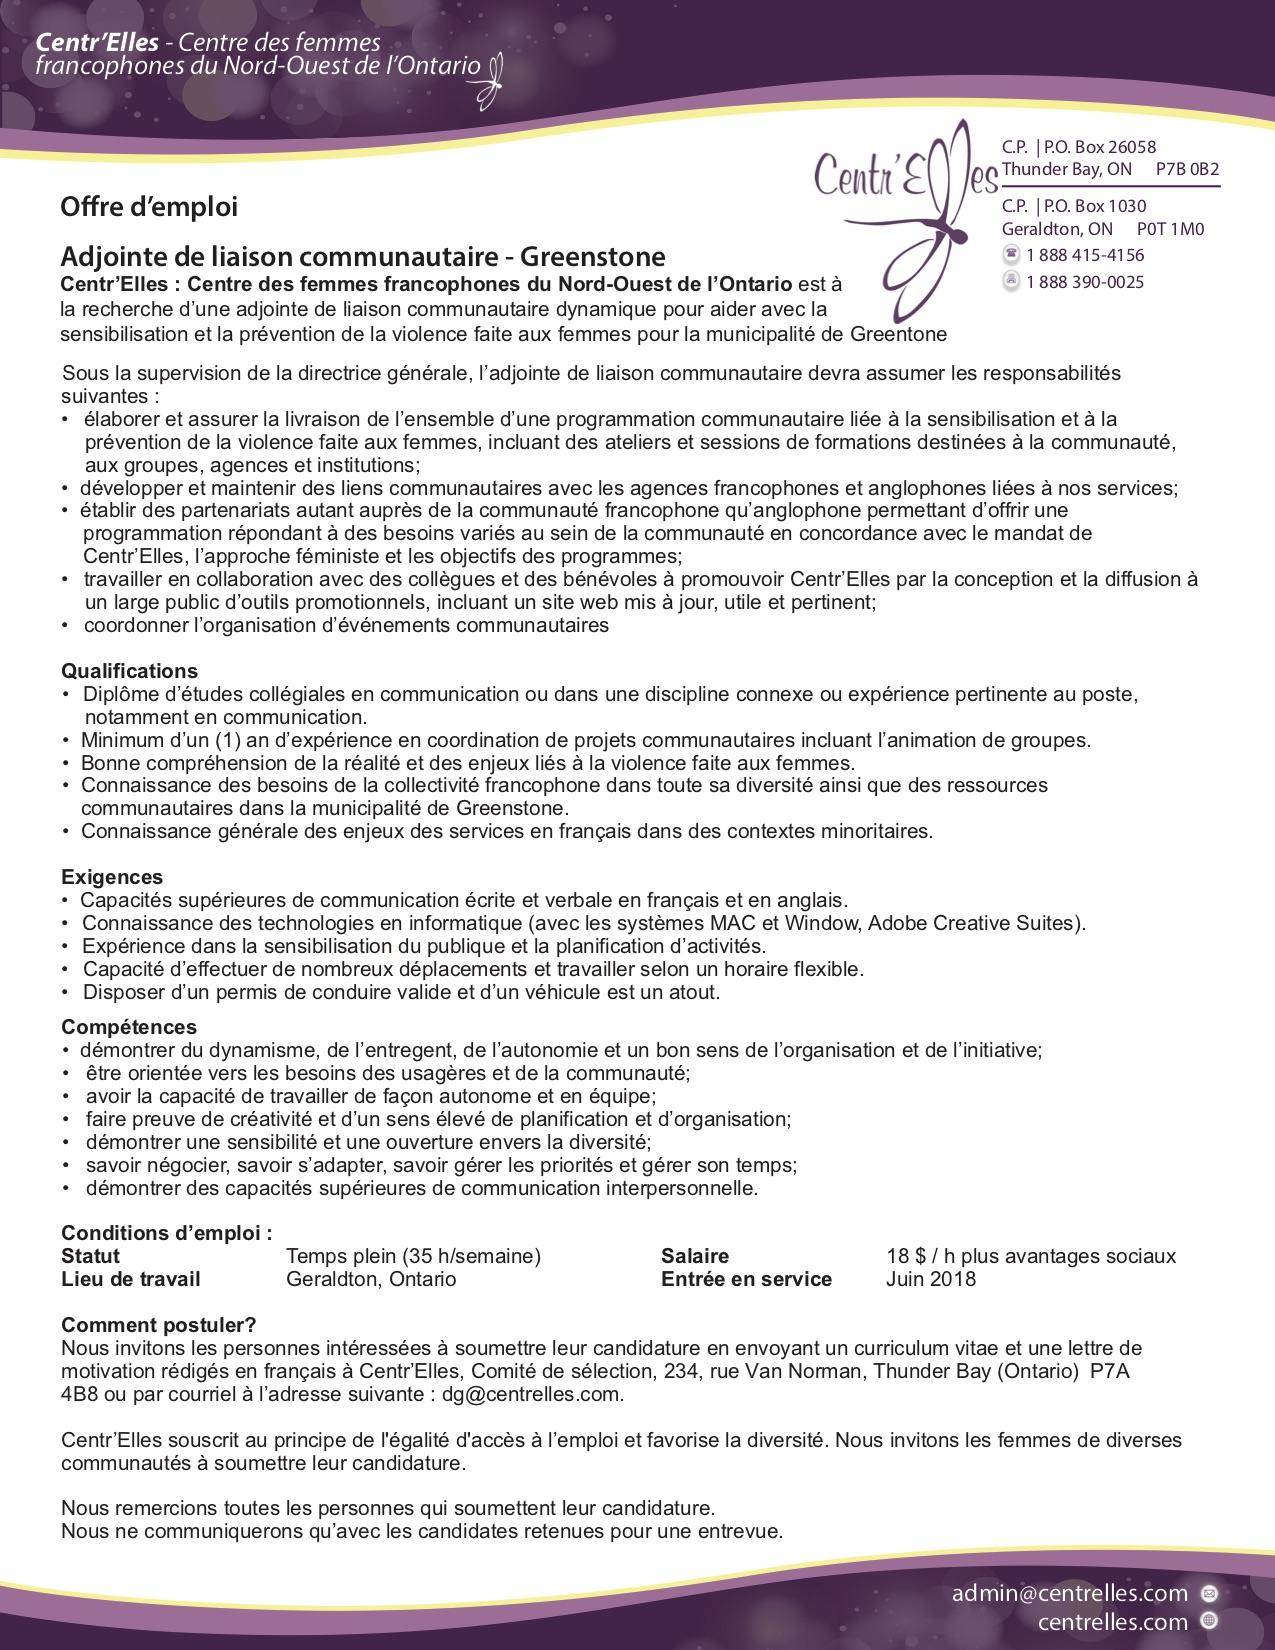 OE.Adjointe de laison communautaire 2018-JPEG.jpg